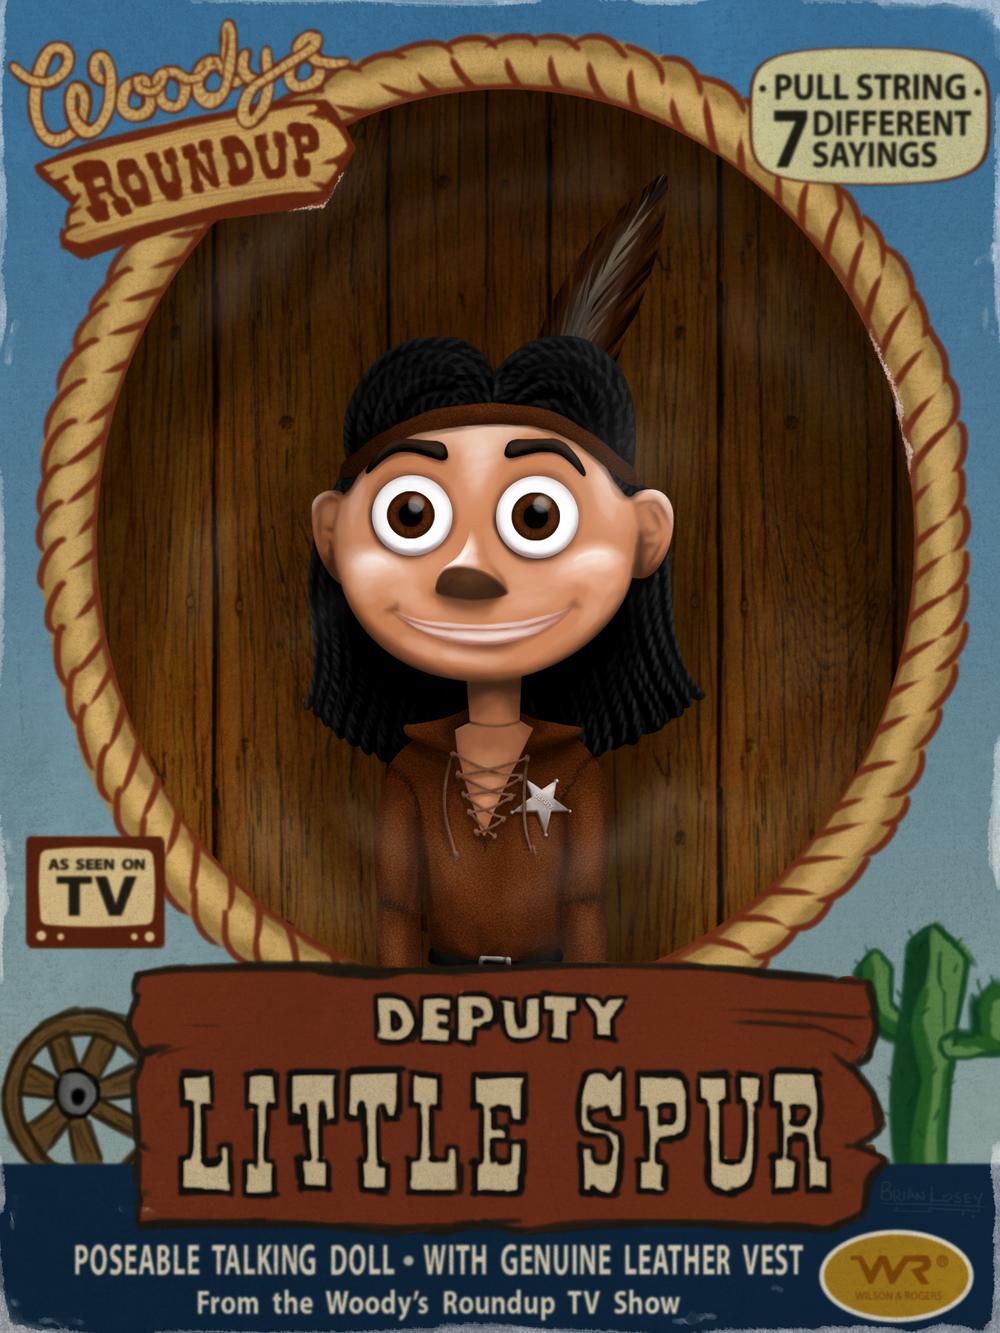 LittleSpur.jpg